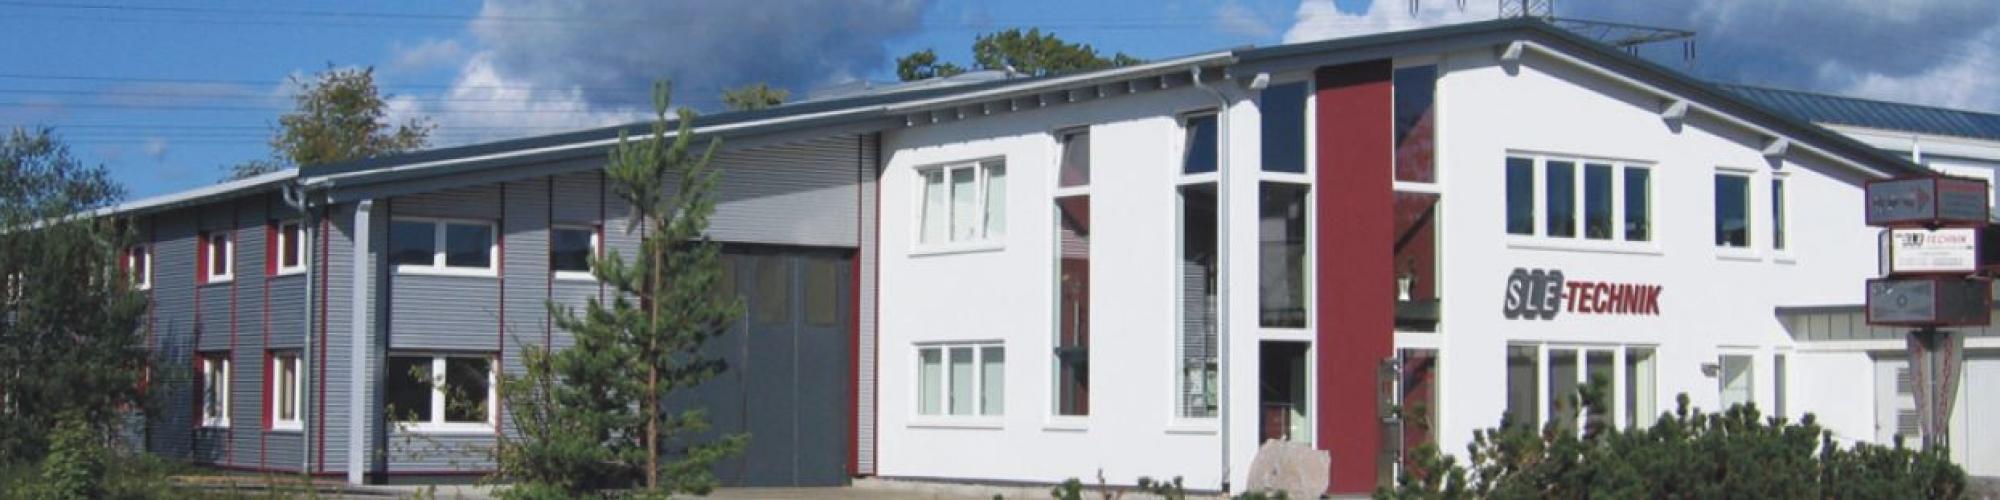 SLE-Technik Laserschneiden & Blechverarbeitung GmbH